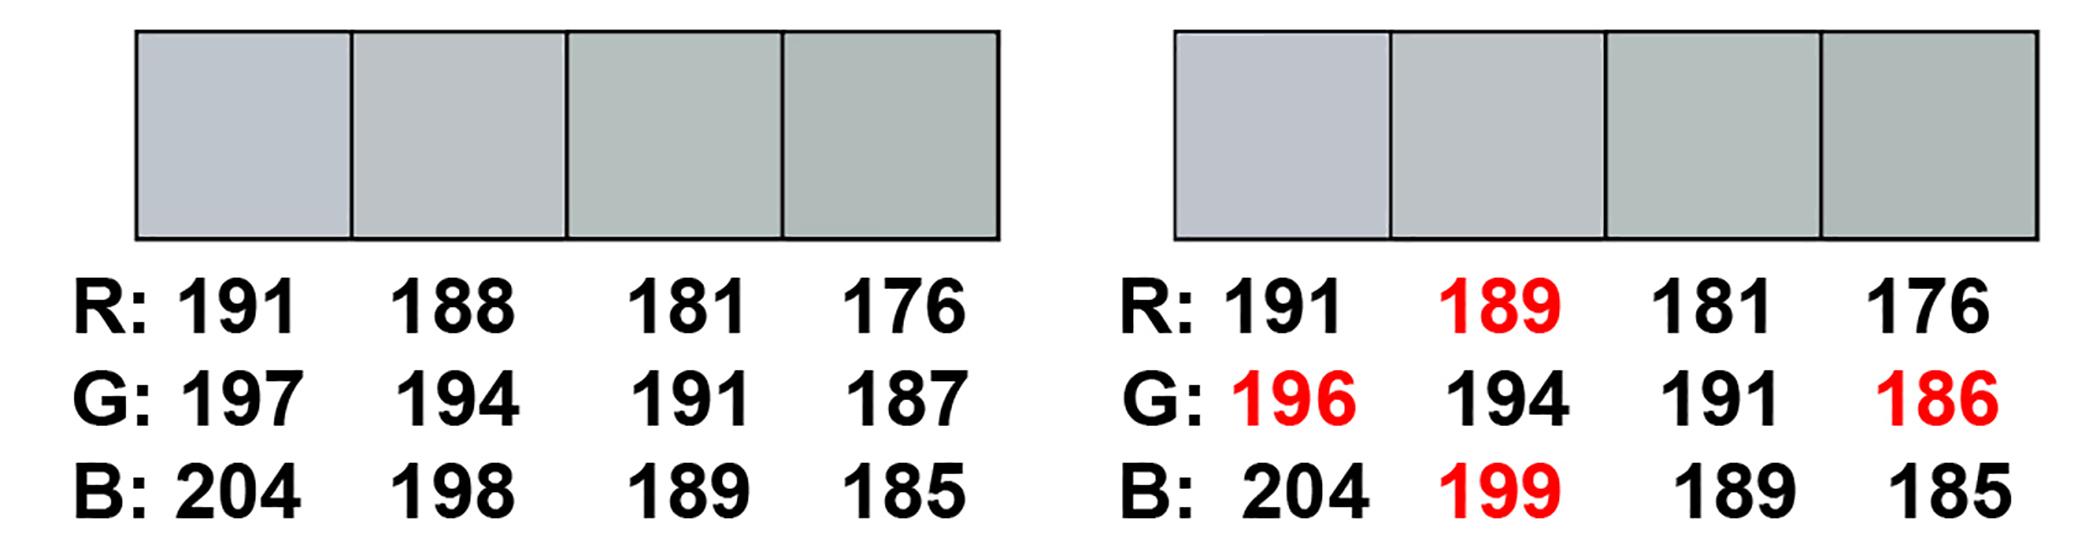 Slika 2: Levo so posamezne točke izvirne slike s štiriindvajsetbitno barvno globino, desno pa točke s skritim sporočilom. Razlike v barvi točk so minimalne.